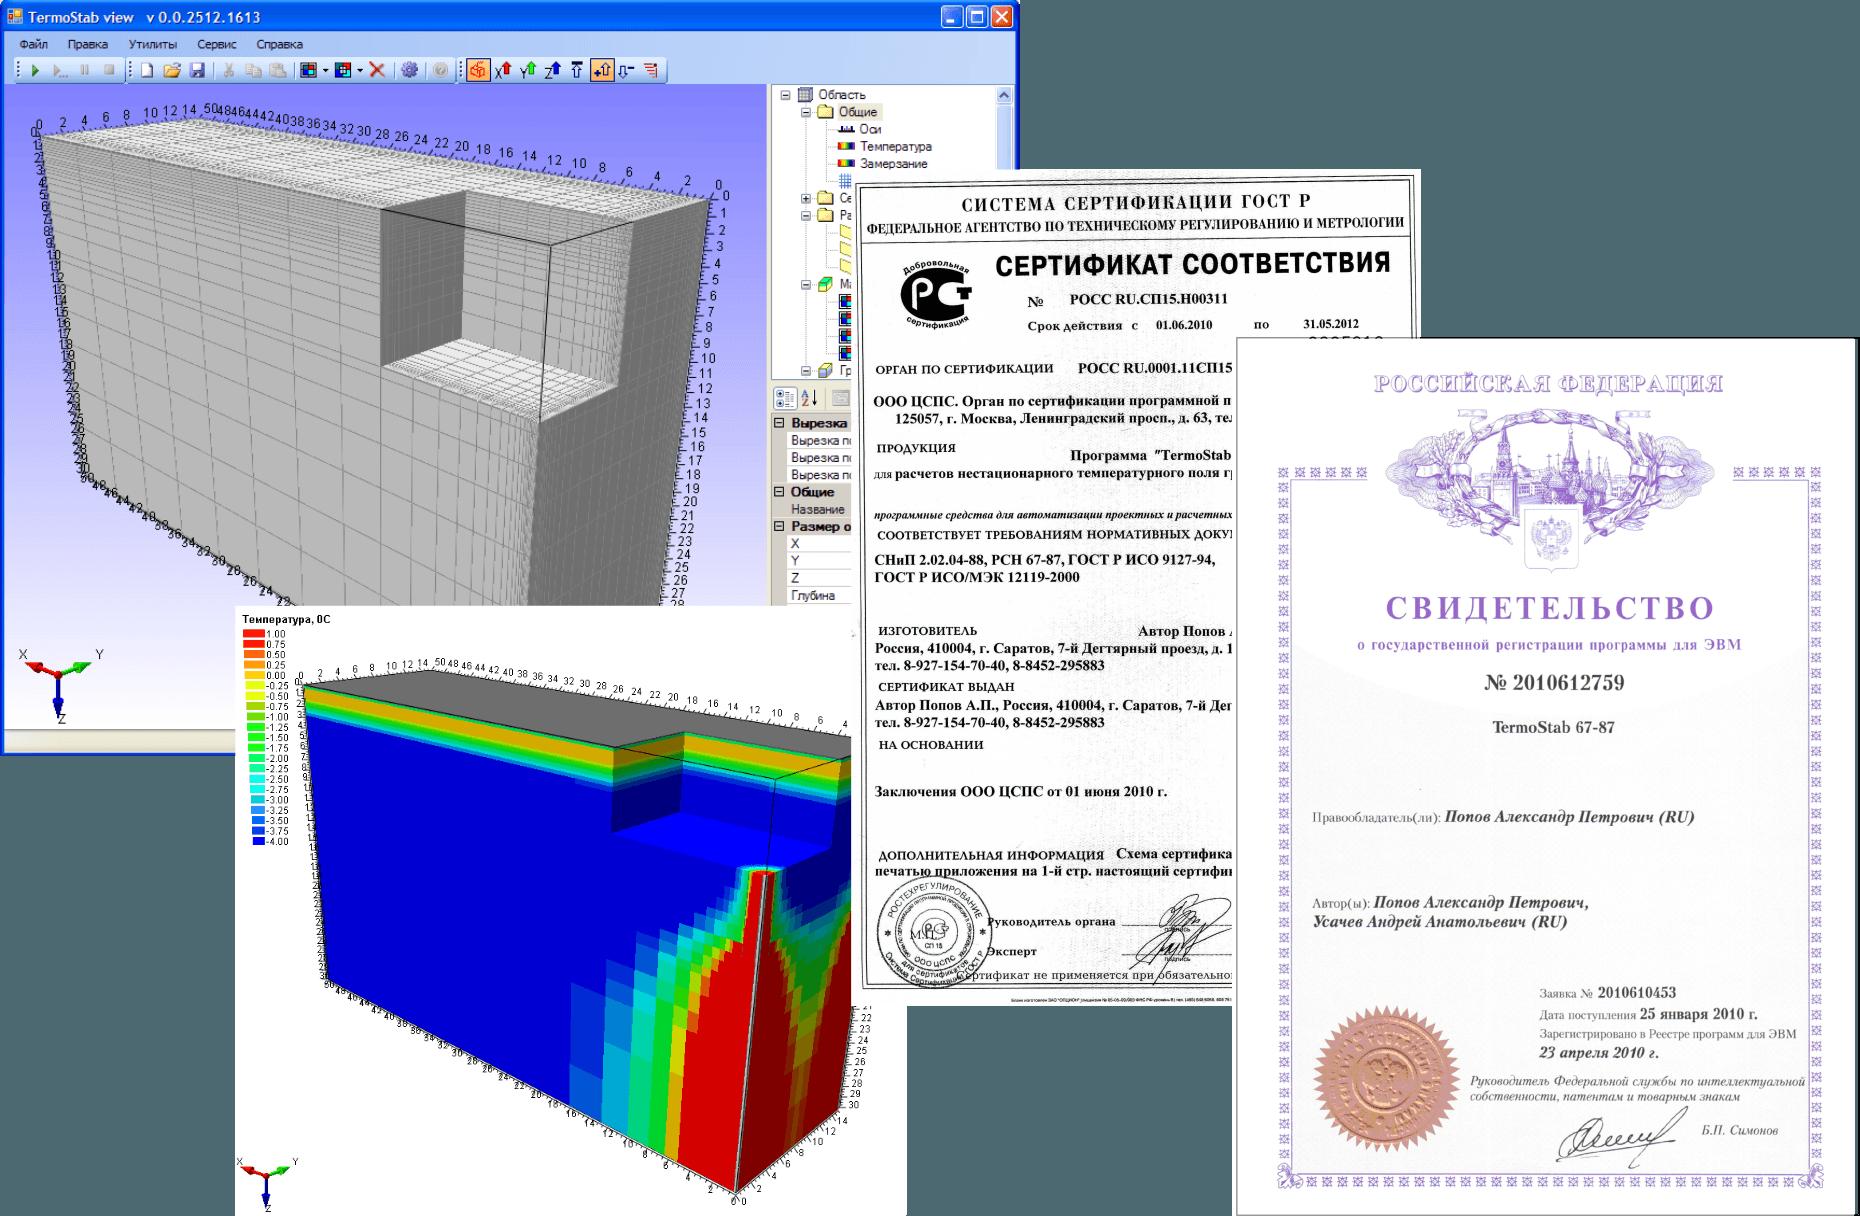 Скриншоты программы TermoStab